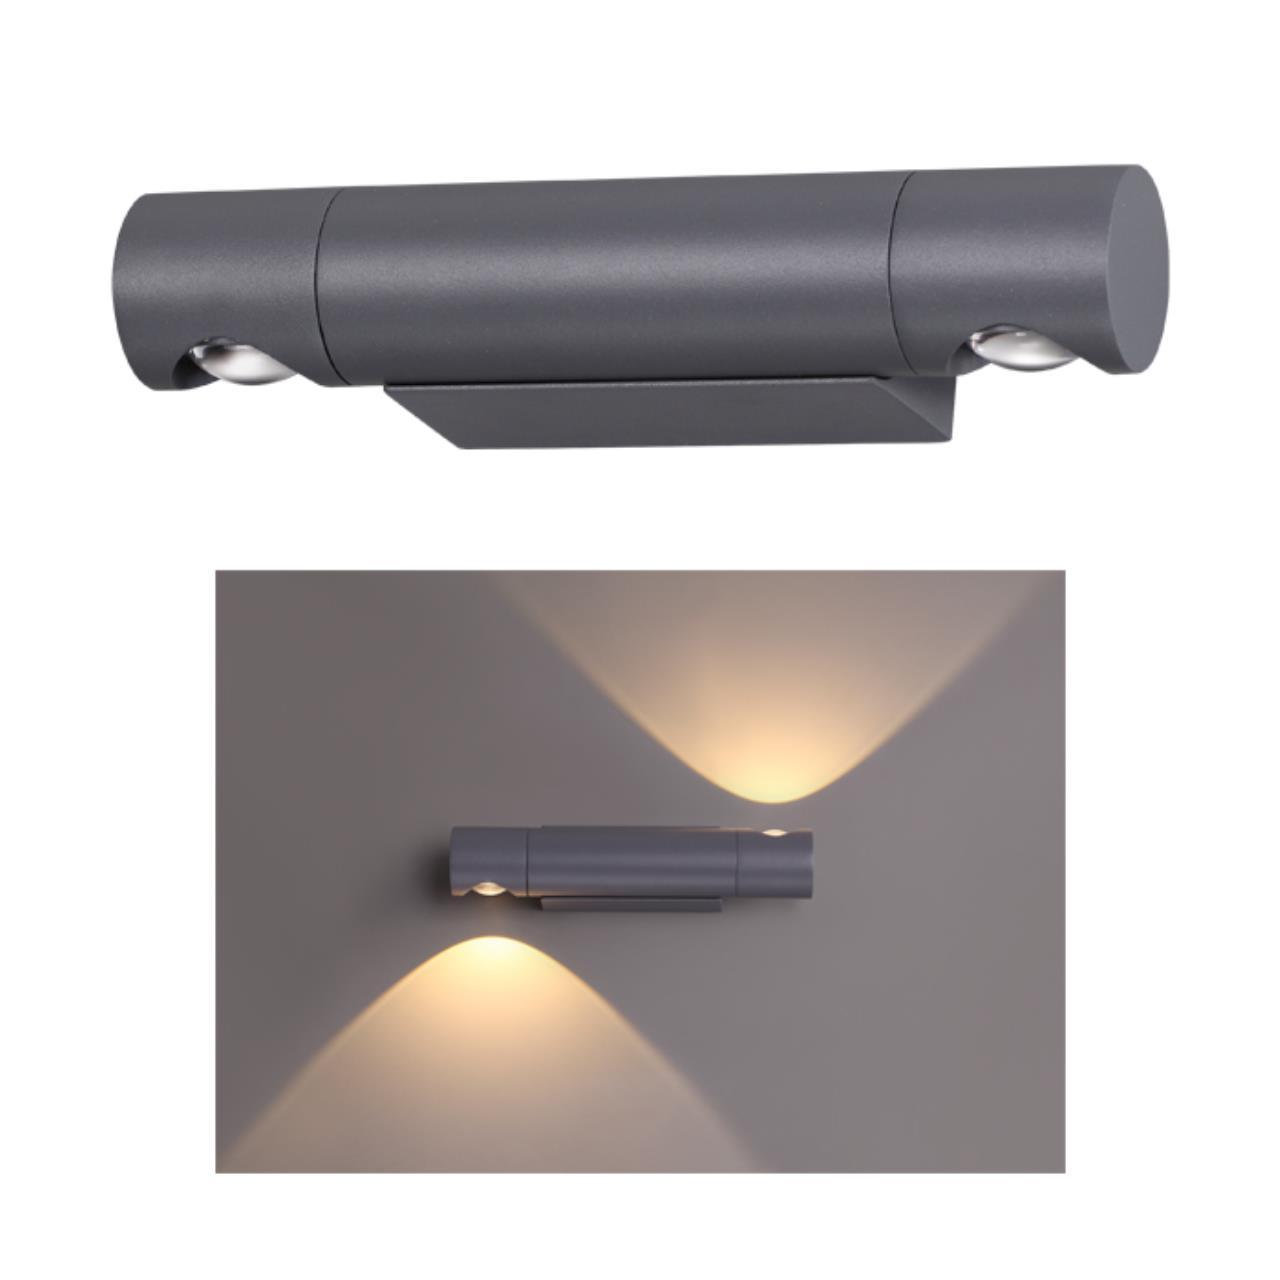 358089 STREET NT19 152 темно-серый Ландшафтный светильник IP54 LED 3000К 11W 220V KAIMAS